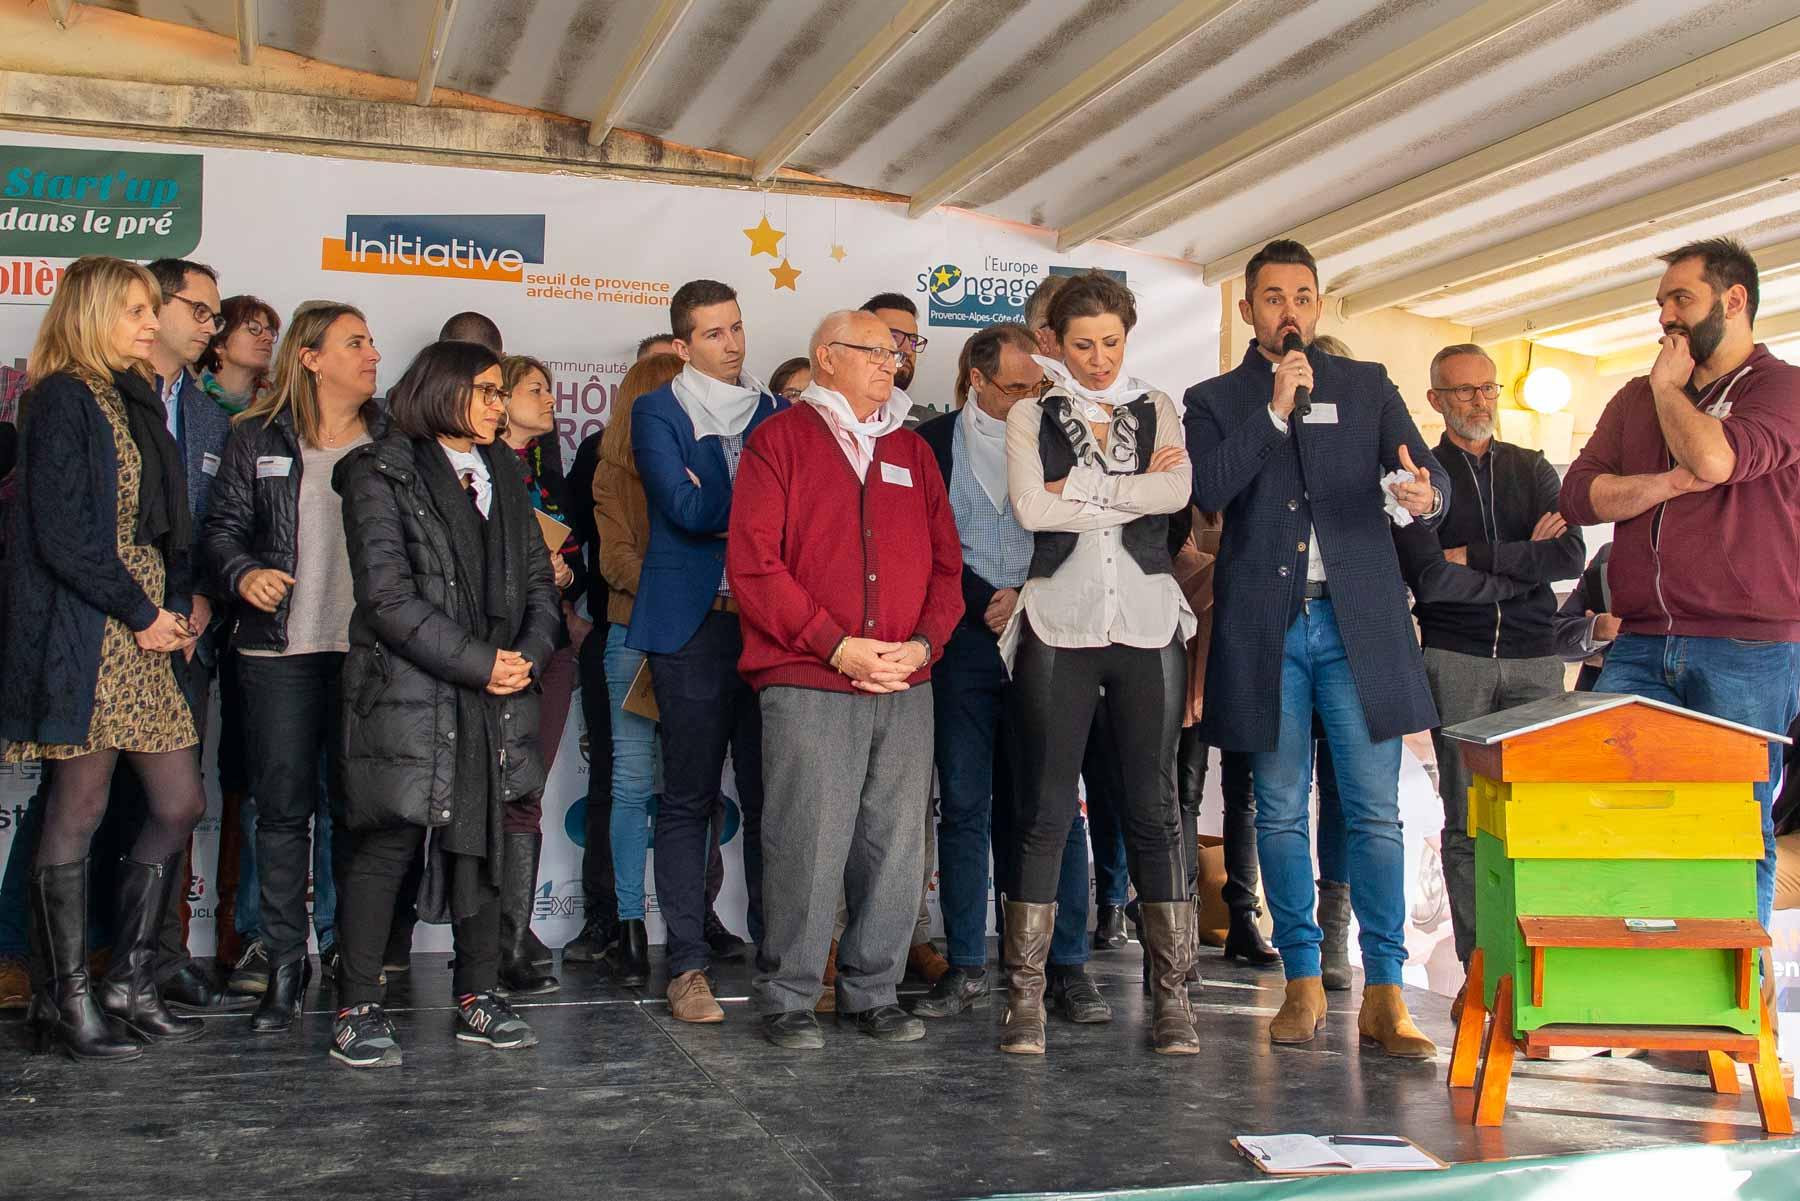 ICKO Apiculture soutient la création d'entreprises dans le secteur du développement durable